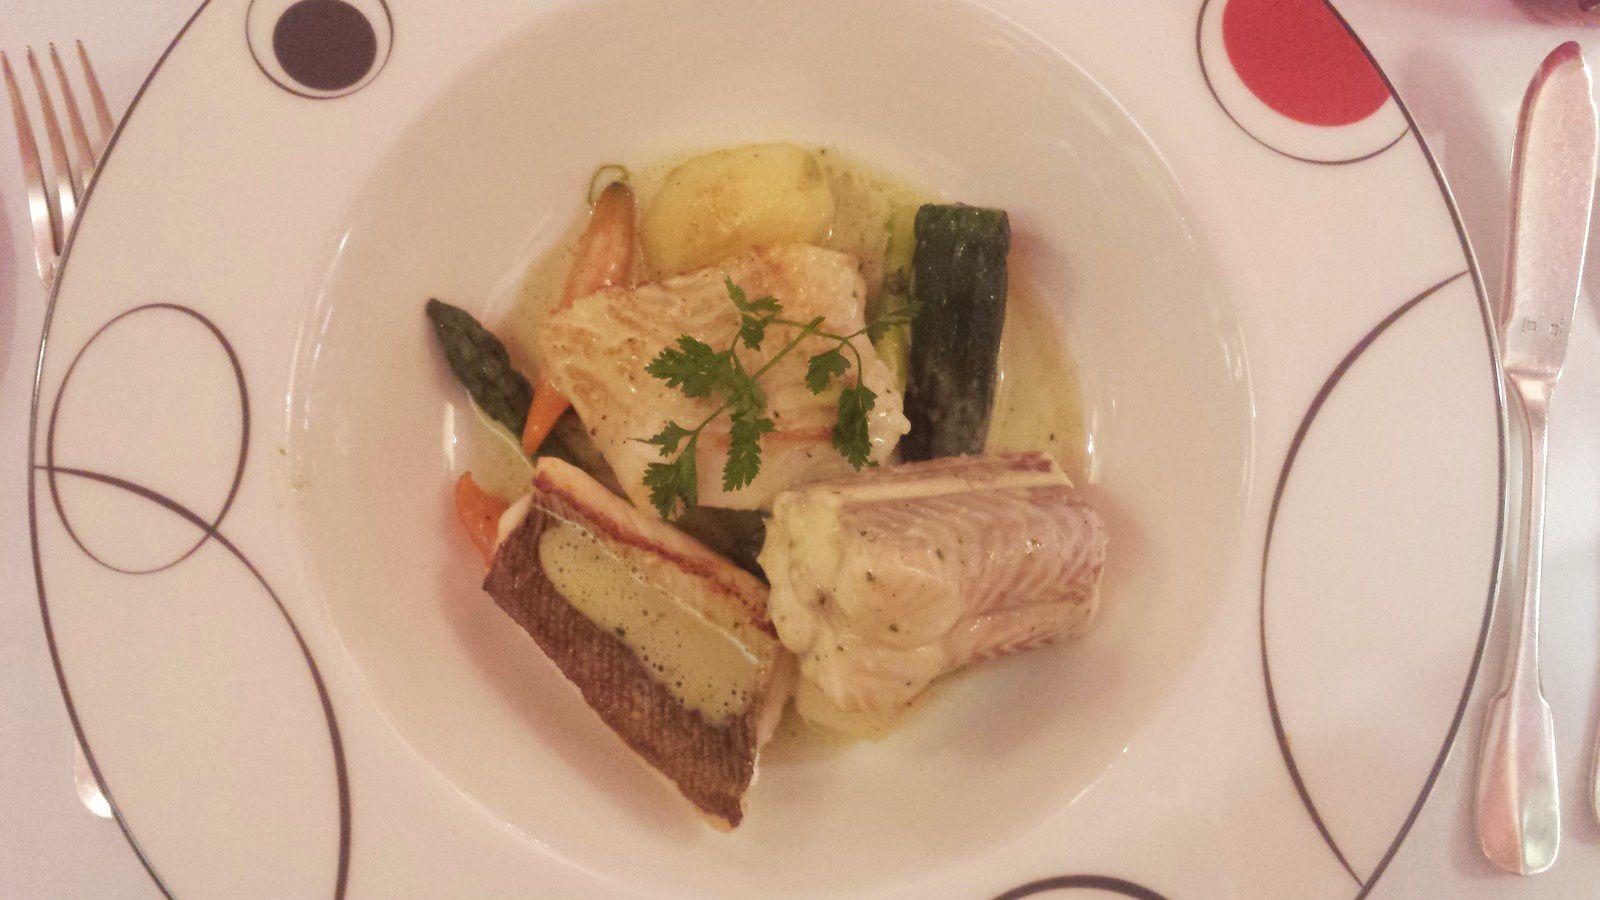 Dégustation de saumonette, vive et cabillaud, légumes du moment, sauce basilic